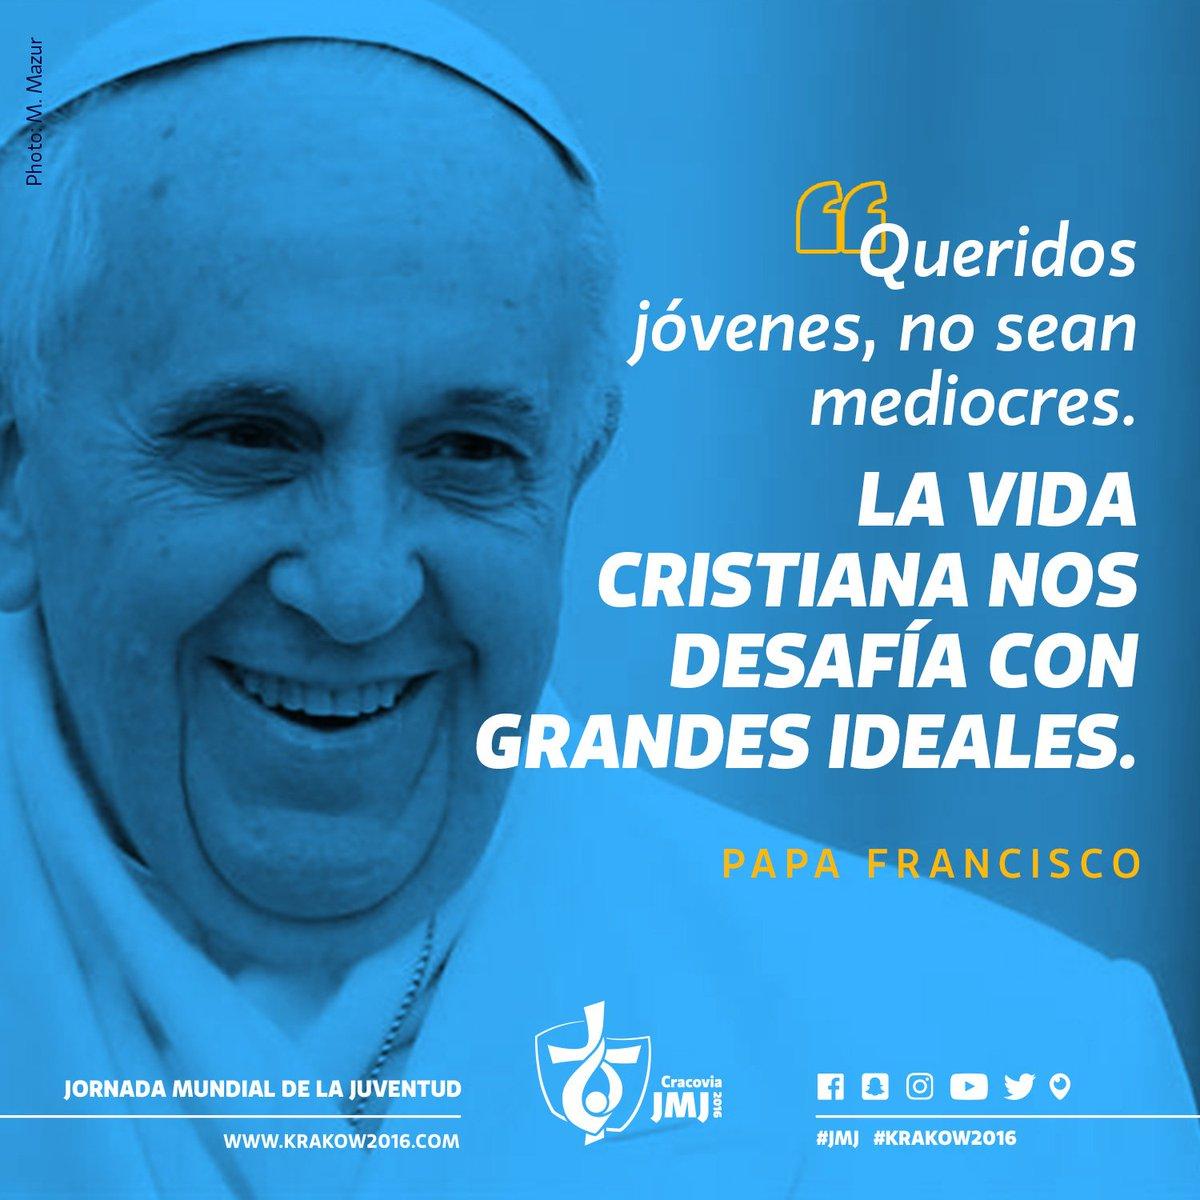 """""""Queridos jóvenes, no sean mediocres. La vida cristiana nos desafía con grandes ideales"""" -Papa Francisco #Krakow2016 https://t.co/48Mq6fNHgJ"""